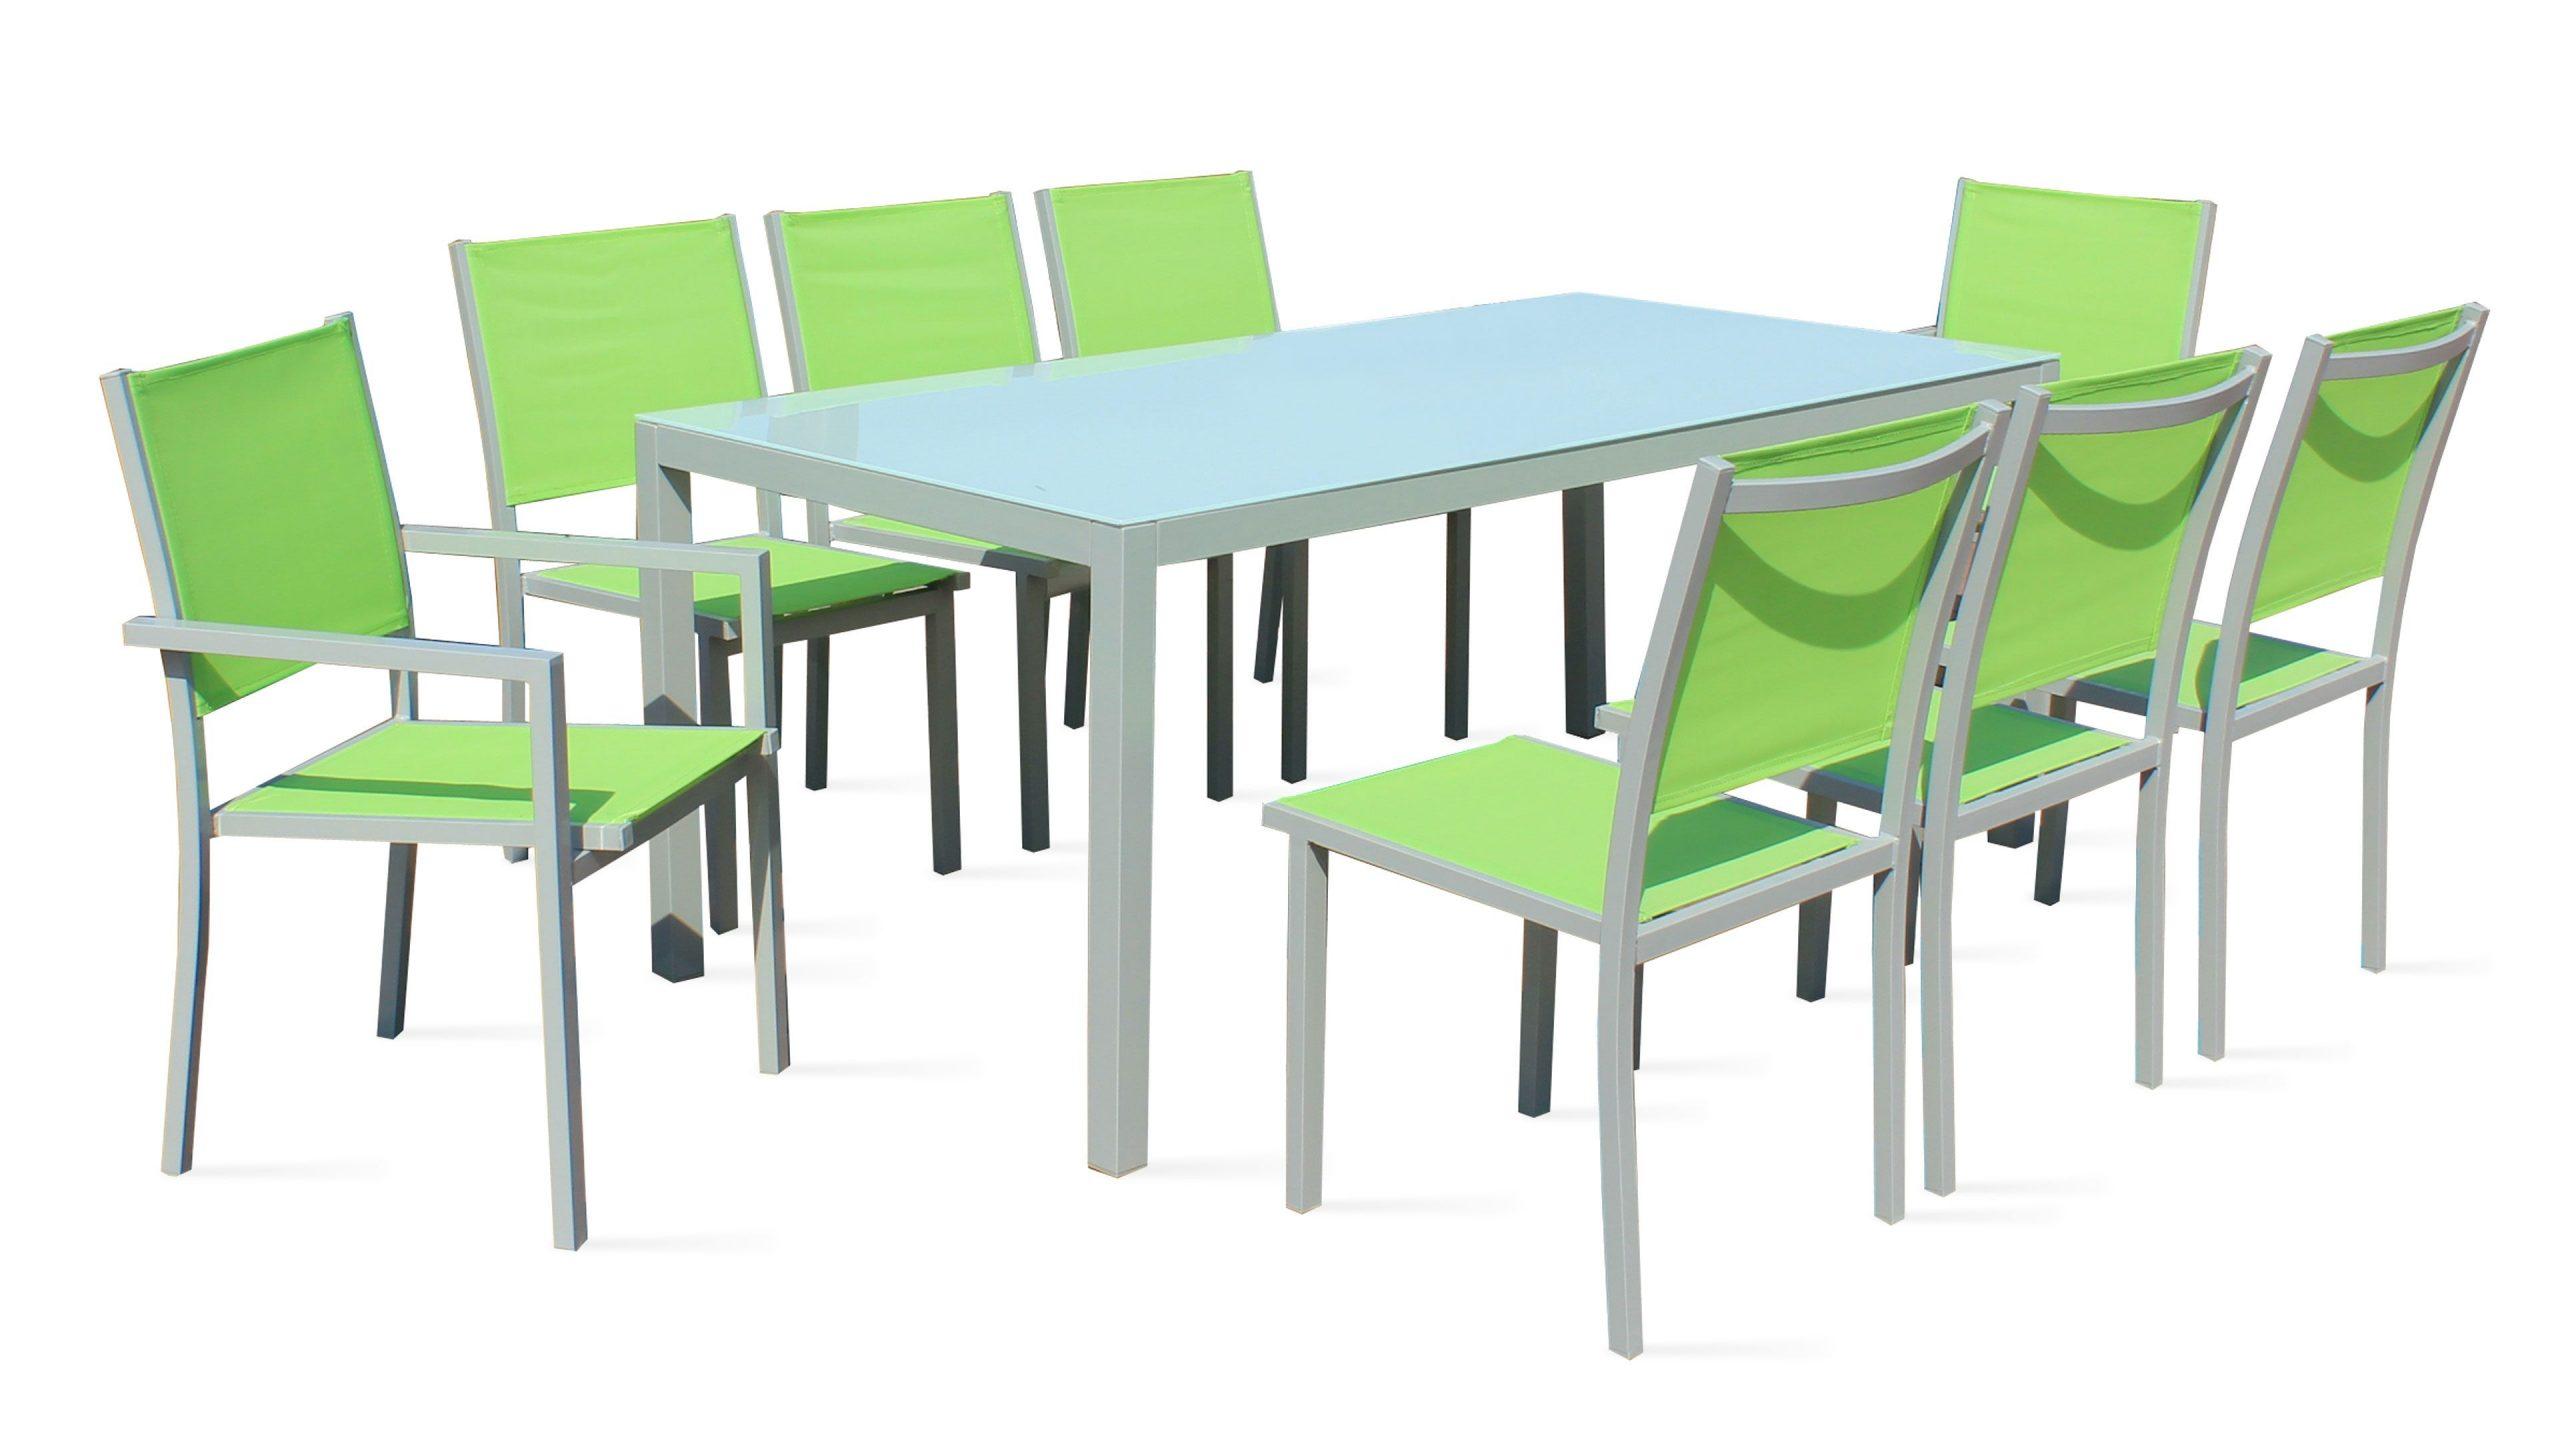 Salon De Jardin Aluminium Table De Jardin 8 Places destiné Table Jardin Verte